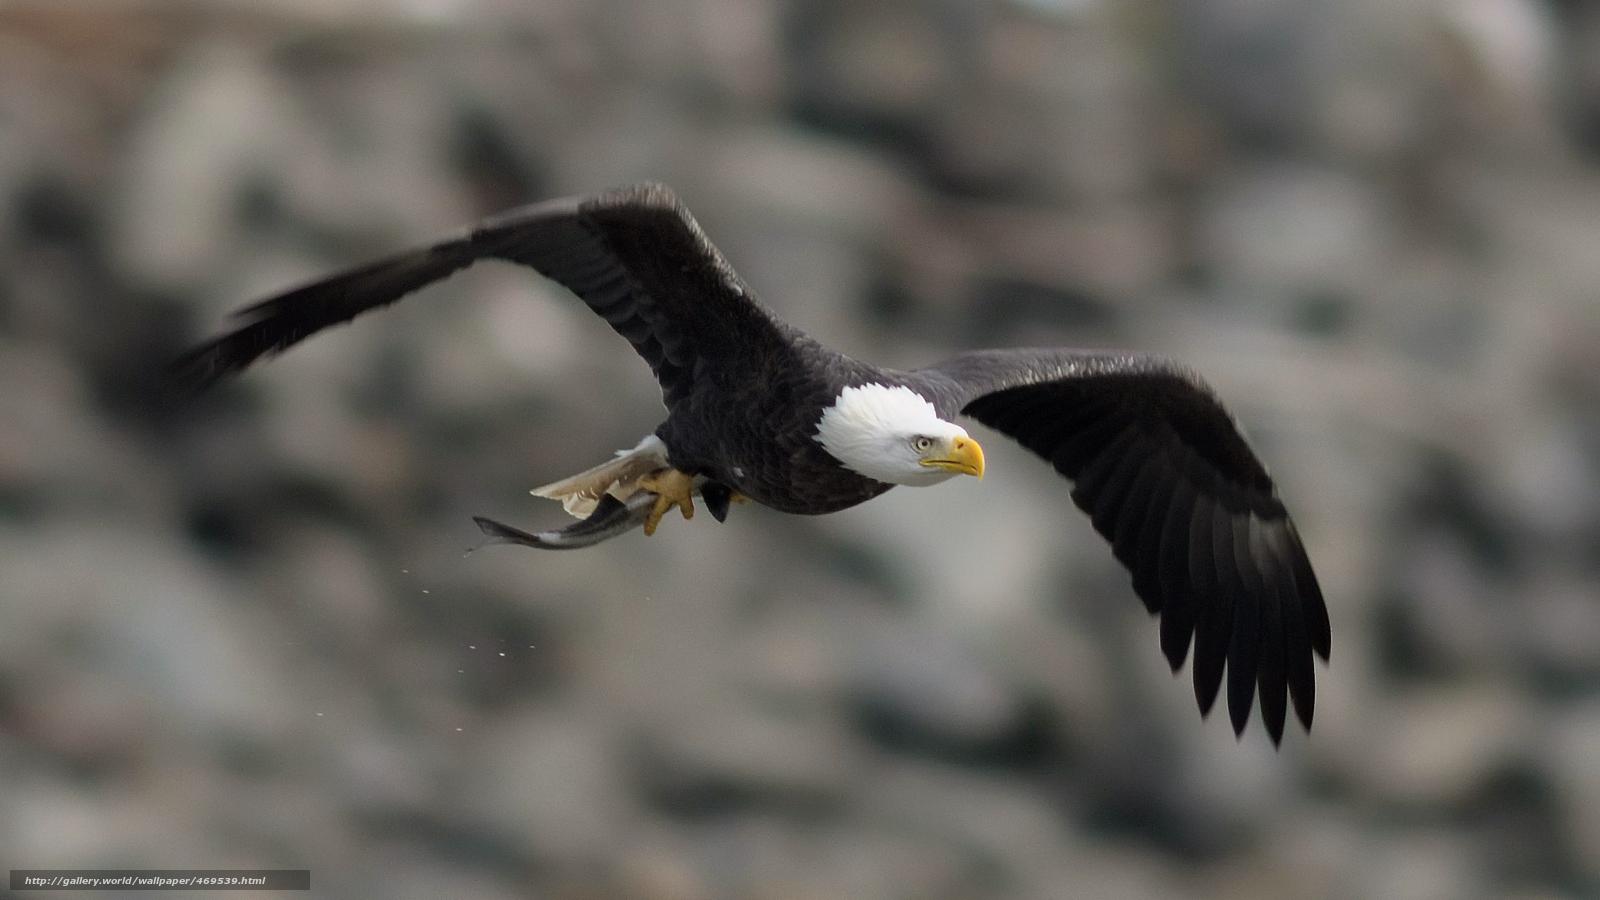 Tlcharger Fond Decran Oiseau Pygargue Tte Blanche